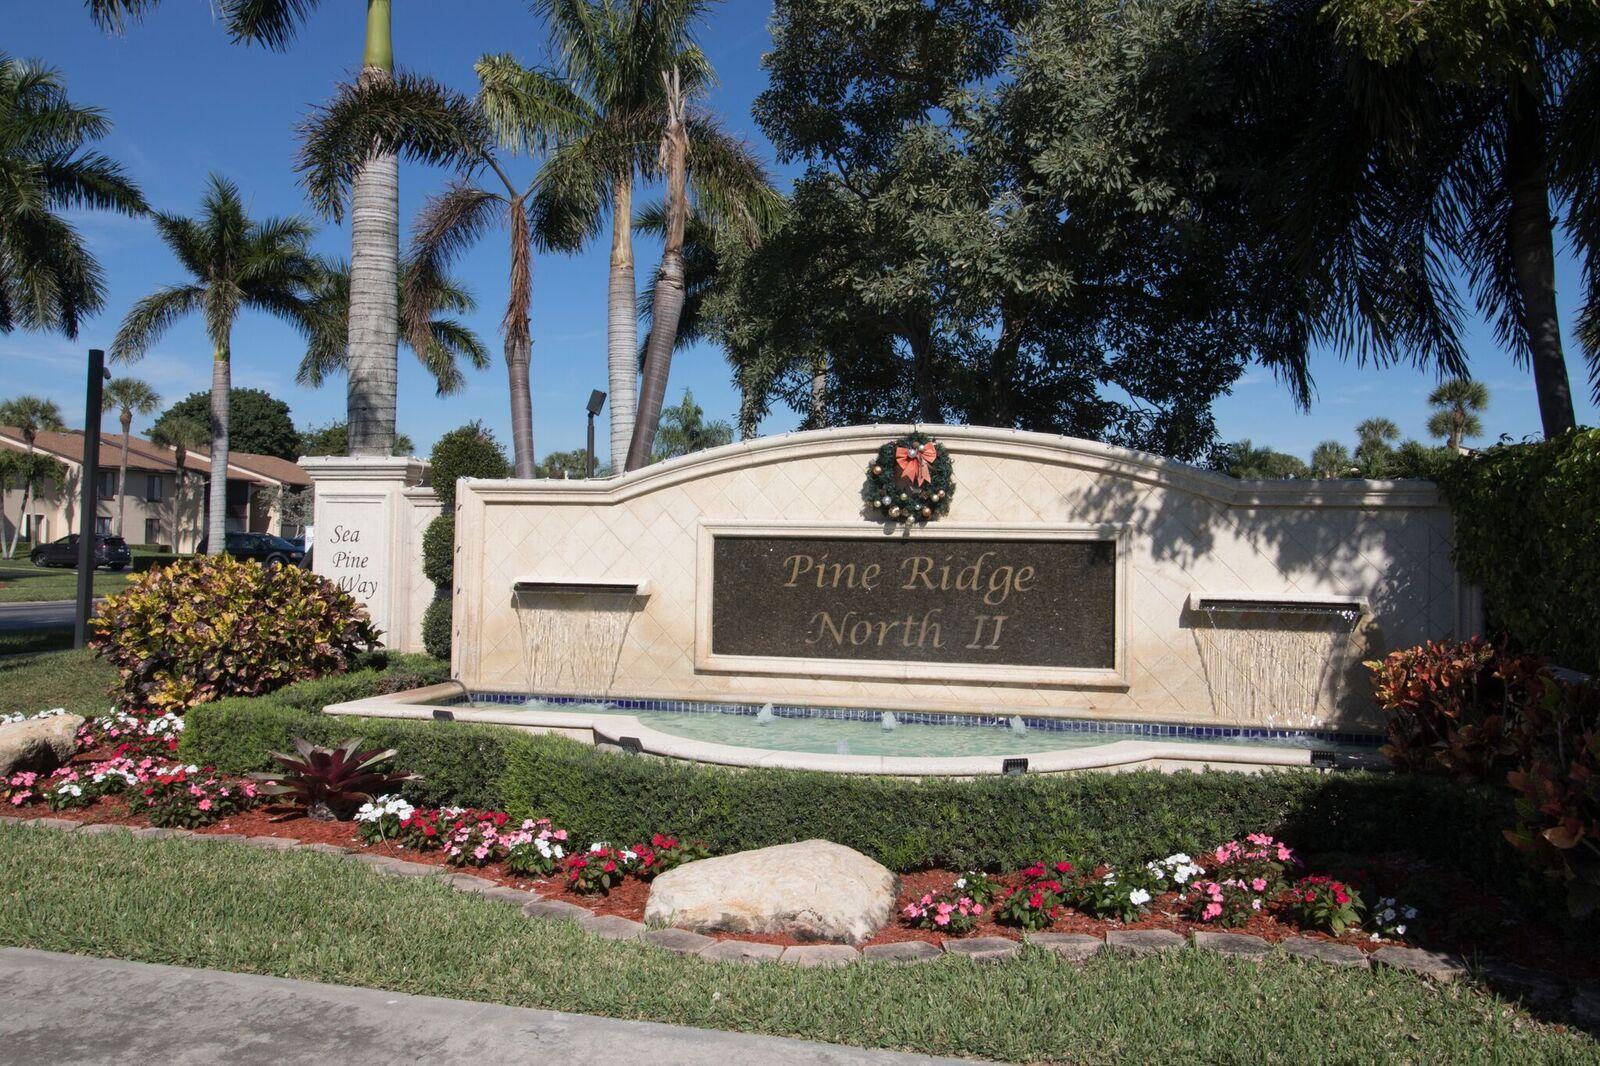 617 Sea Pine Way, Greenacres, Florida 33415, 2 Bedrooms Bedrooms, ,2 BathroomsBathrooms,Condo/Coop,For Sale,Sea Pine Way,2,RX-10489211